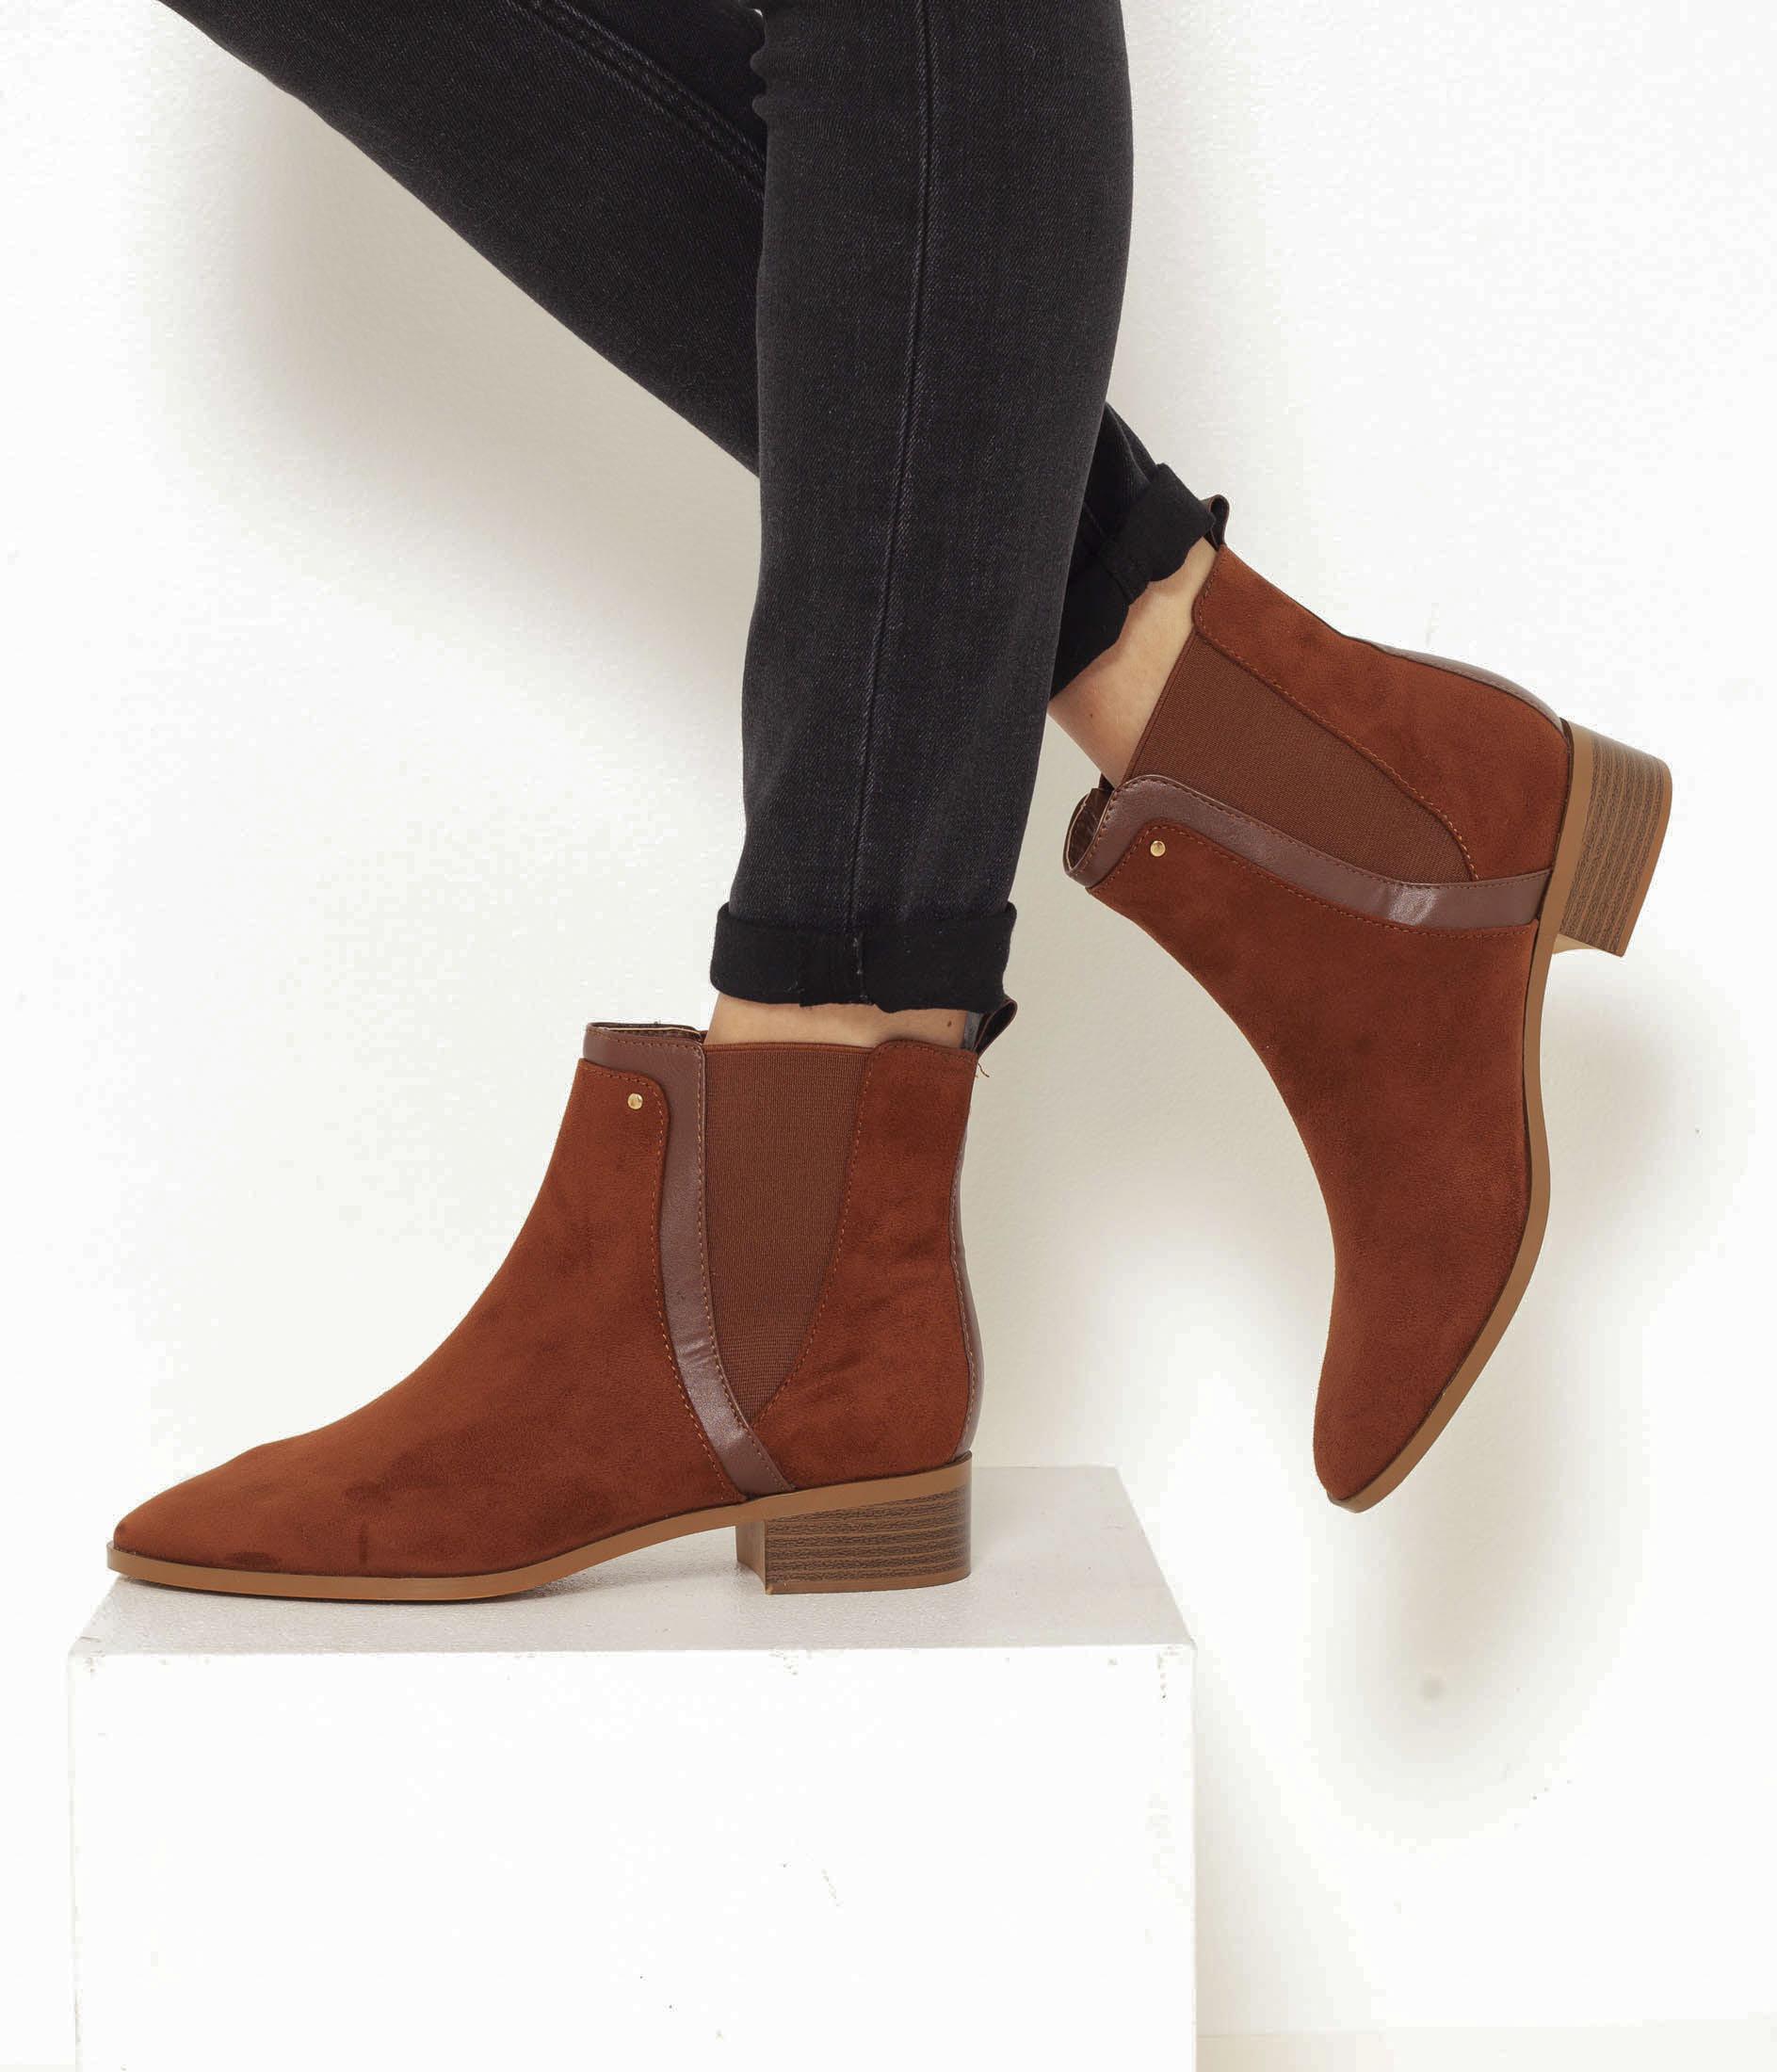 Camaïeu Femme Boots Femme Boots Camaïeu Chelsea Camaïeu Chelsea nPX0ZNwOk8